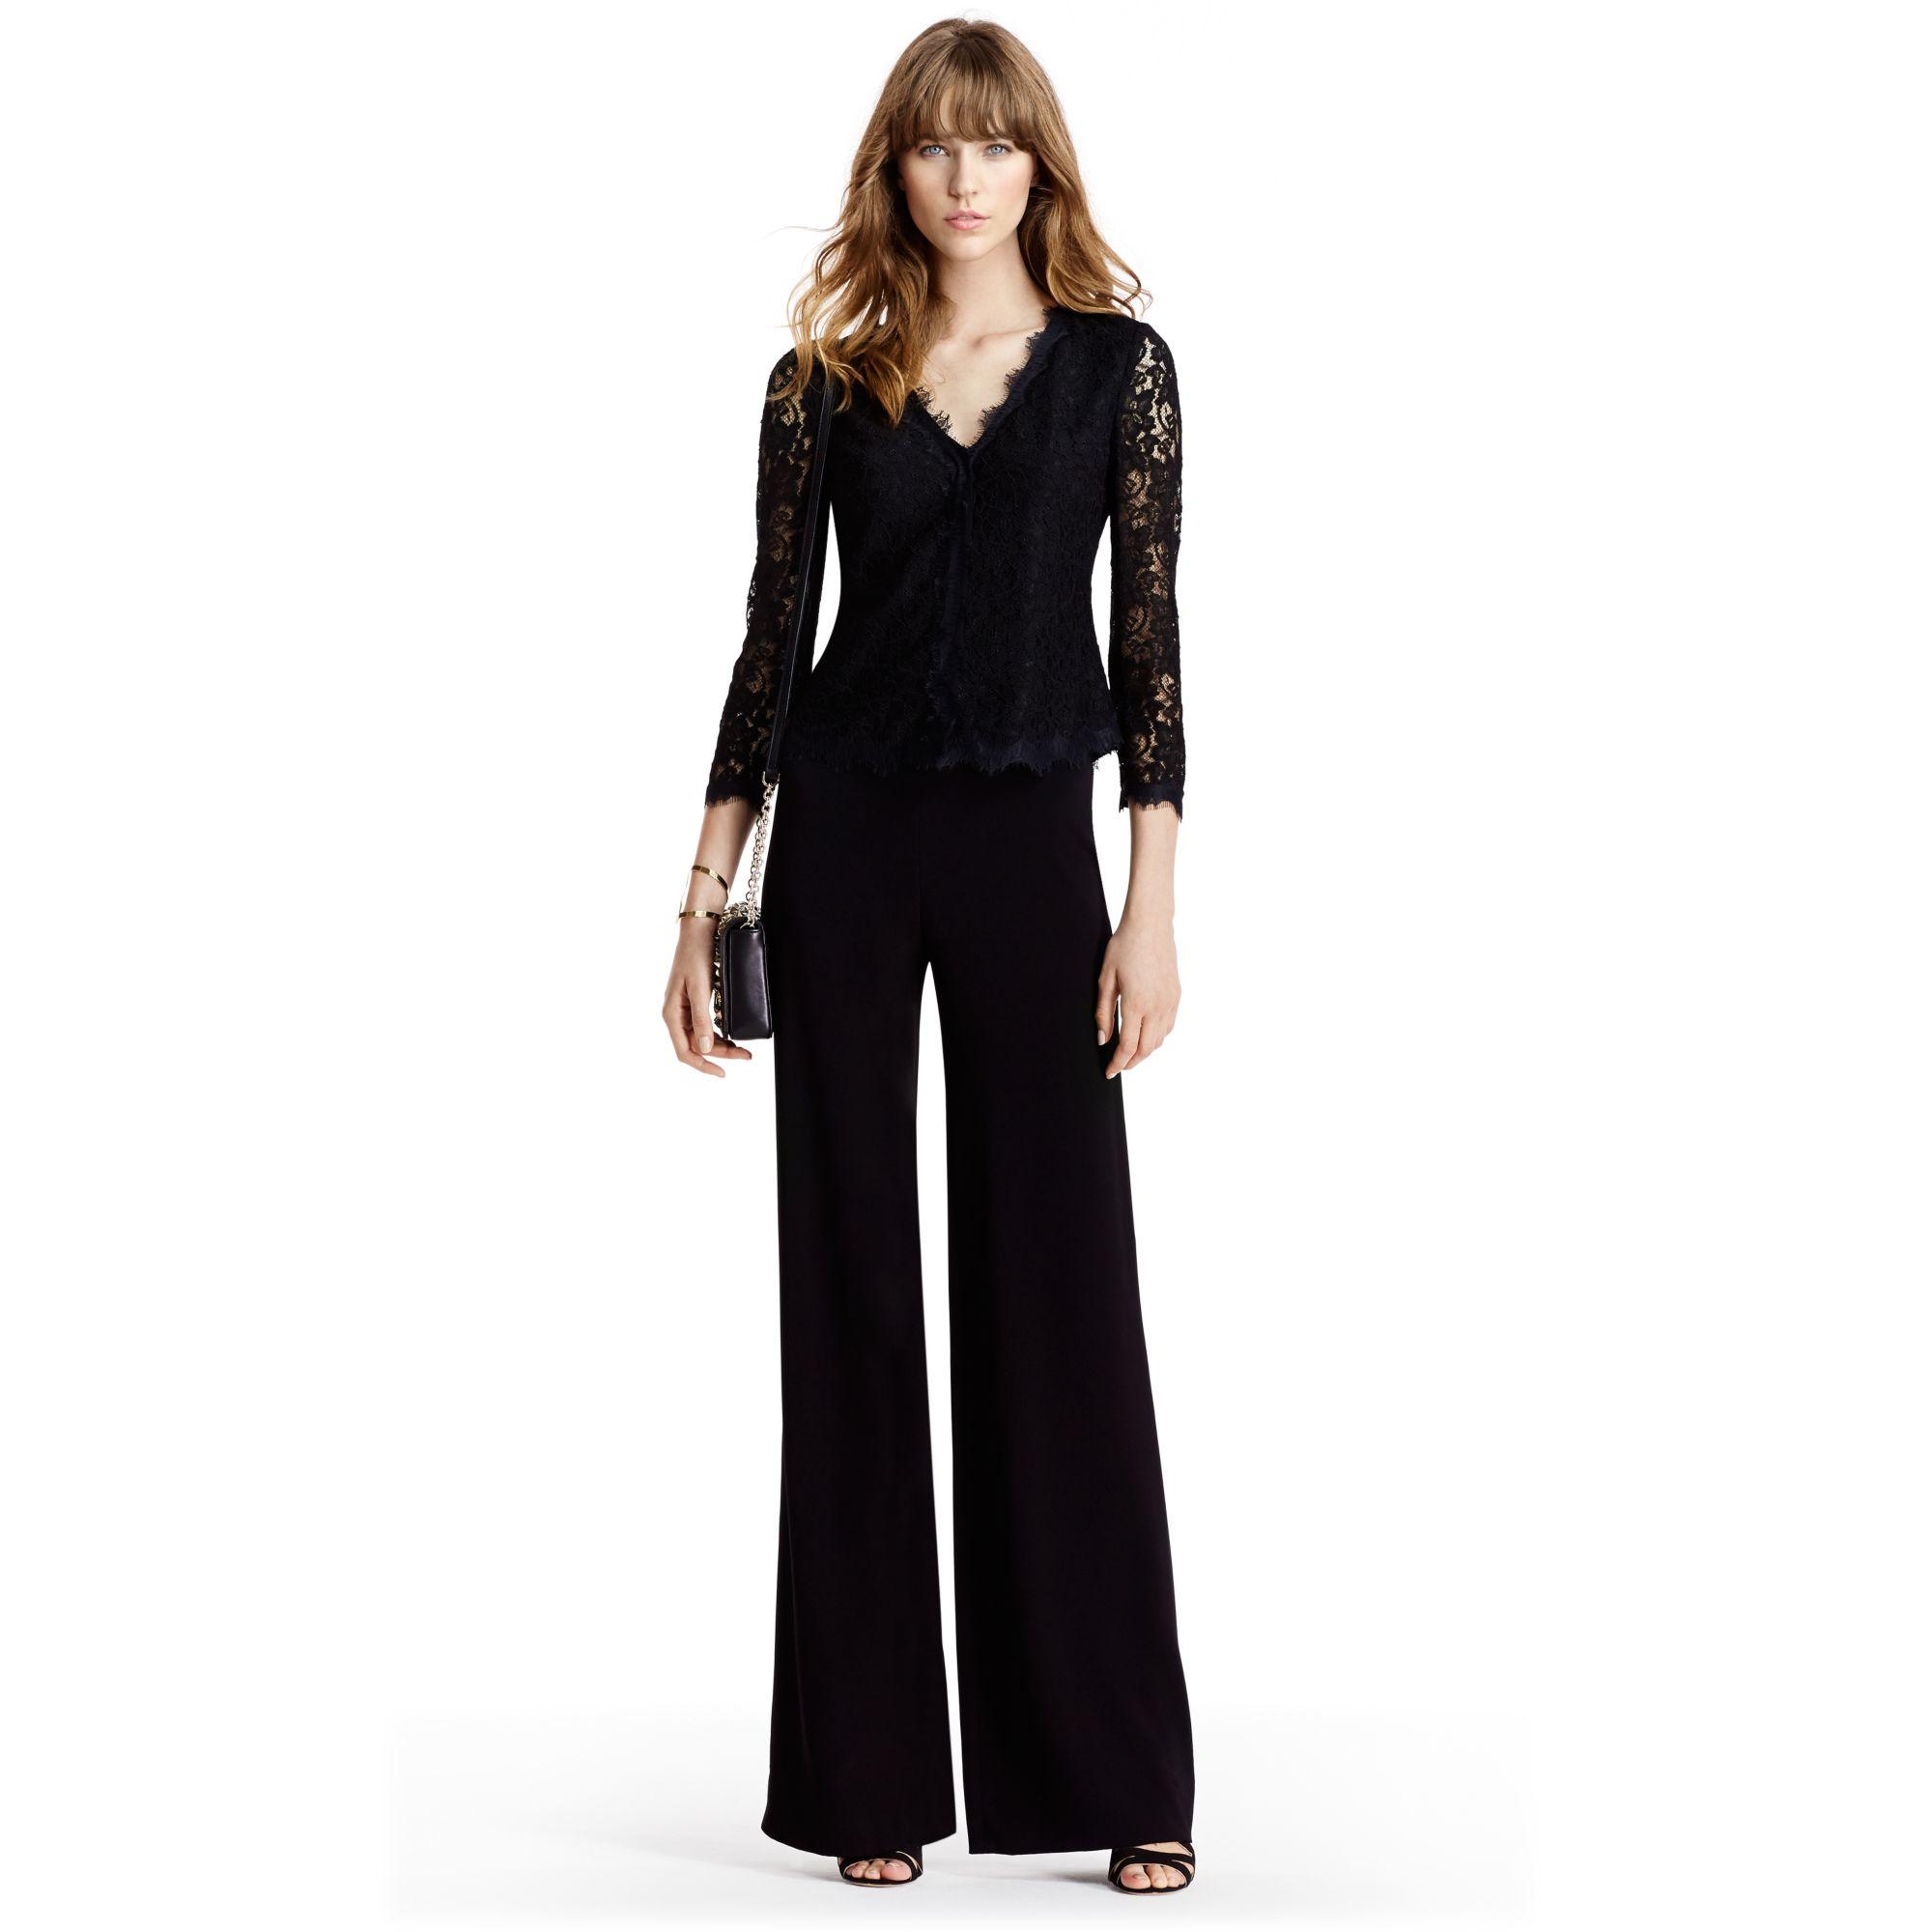 Diane von furstenberg Dvf Bria Lace Cardigan in Black | Lyst